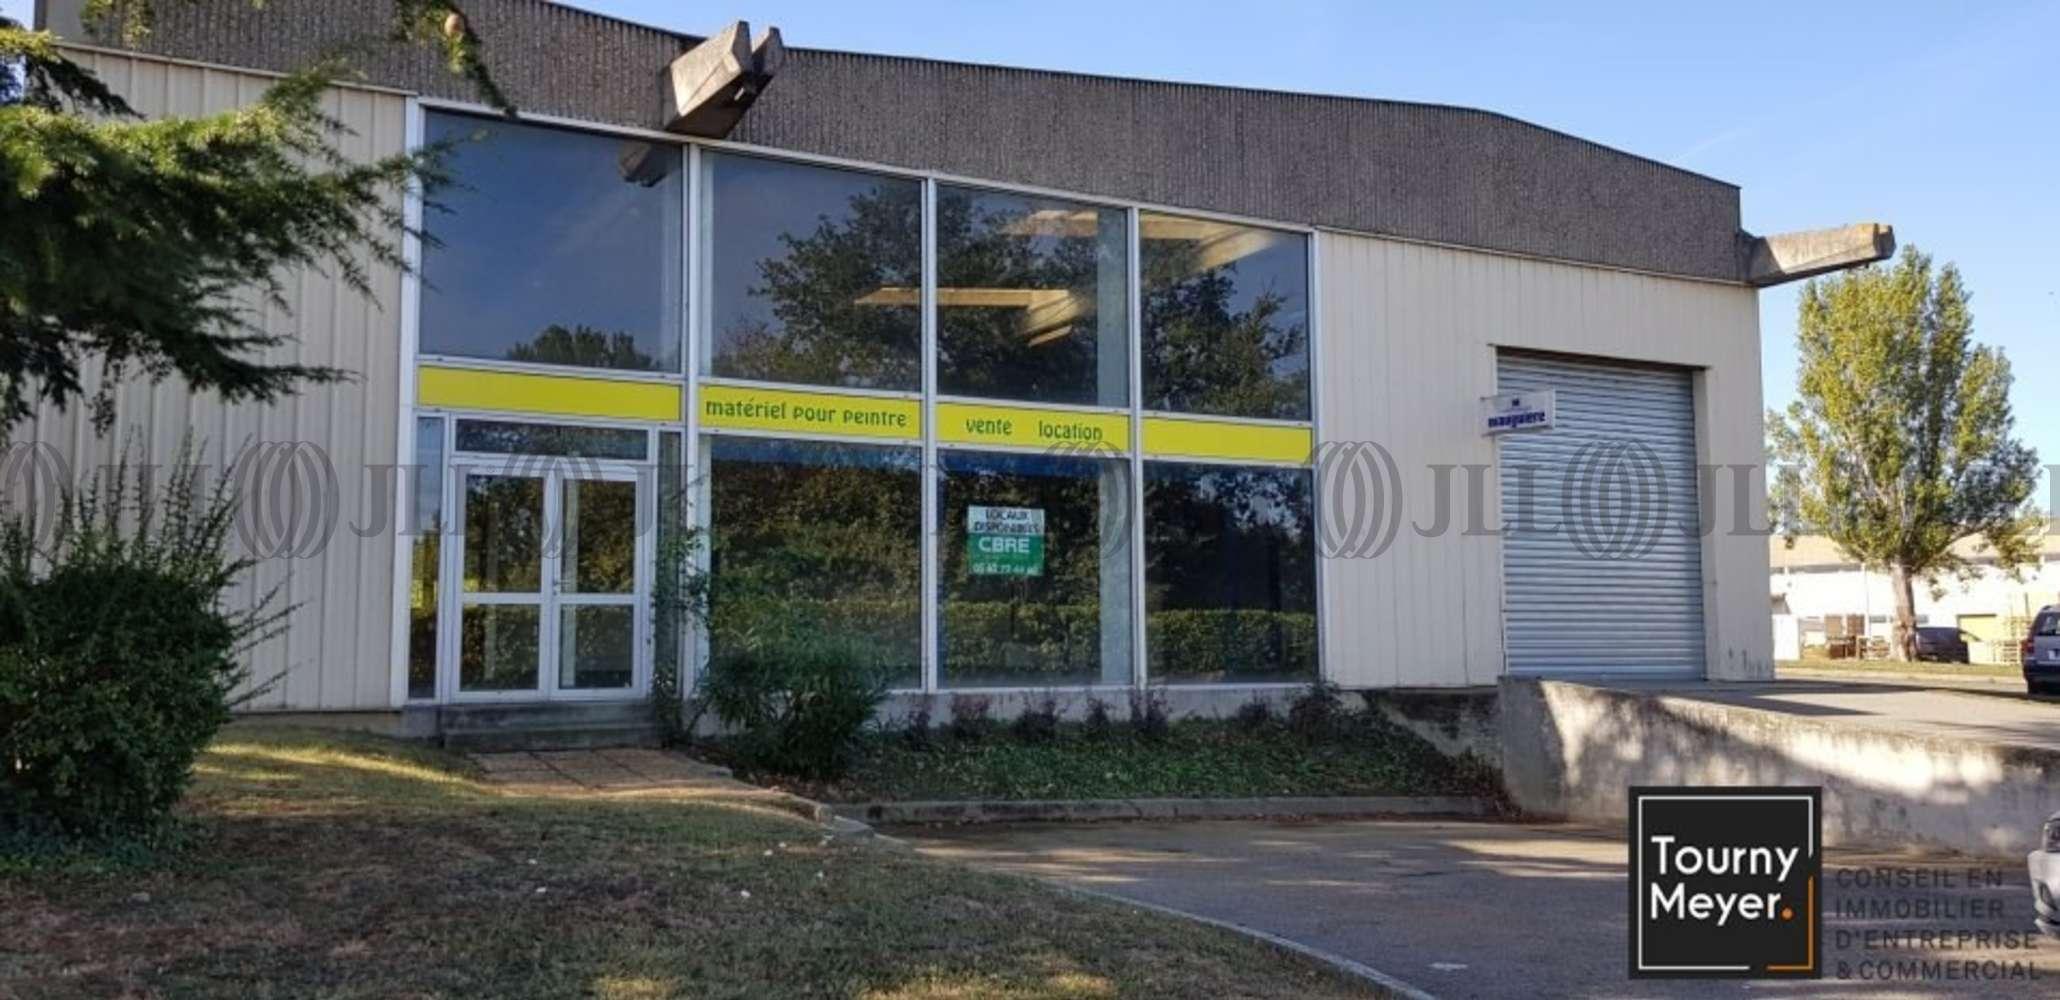 Activités/entrepôt Toulouse, 31100 - 4 RUE ANDRE CLOU - 10870180